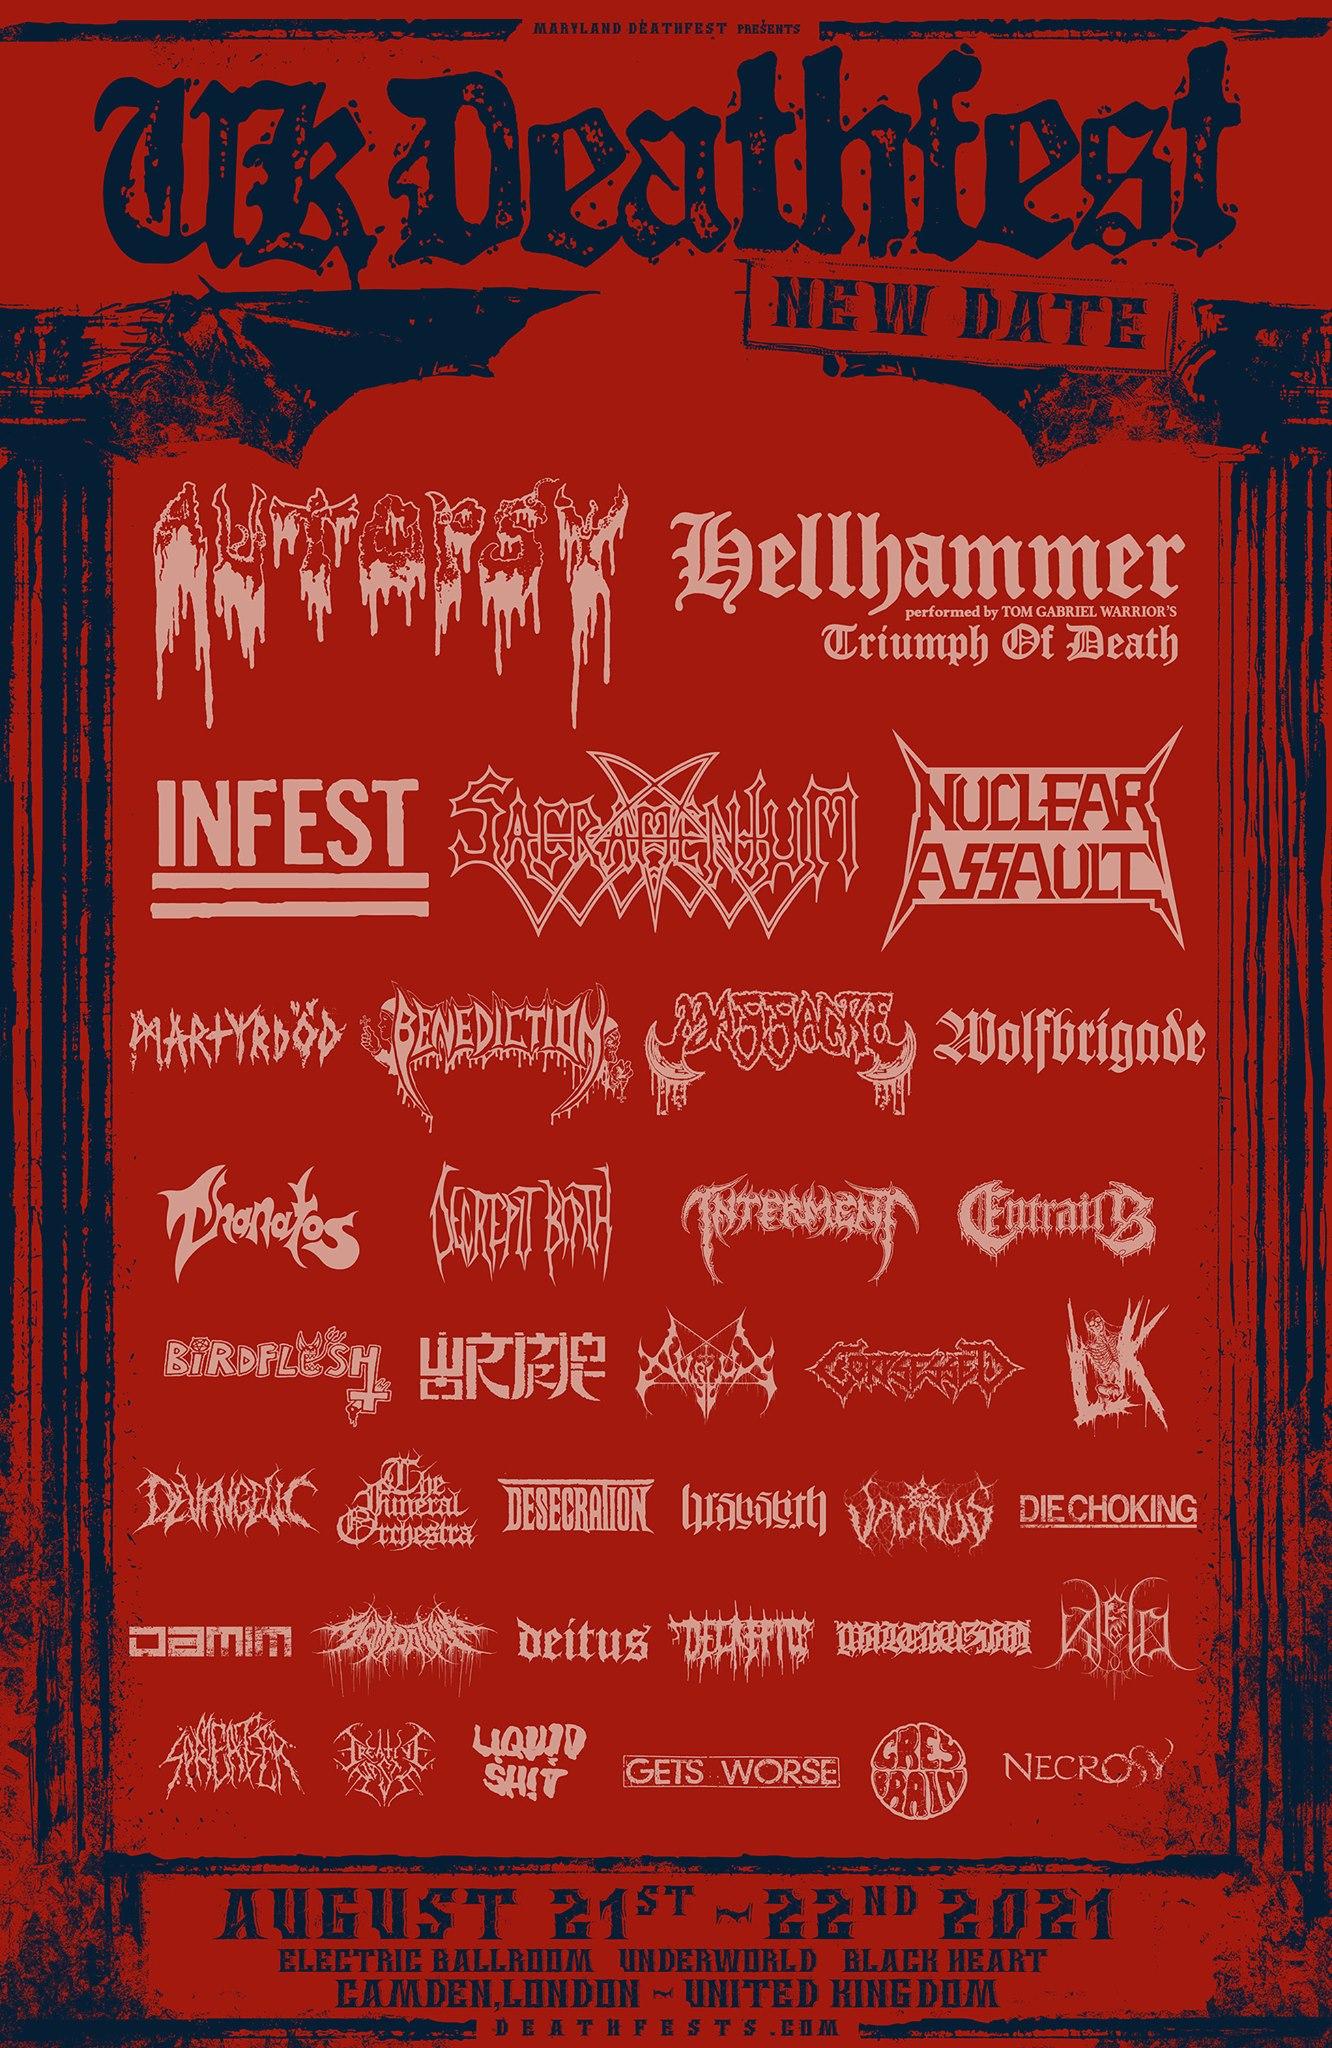 UK Deathfest 2021